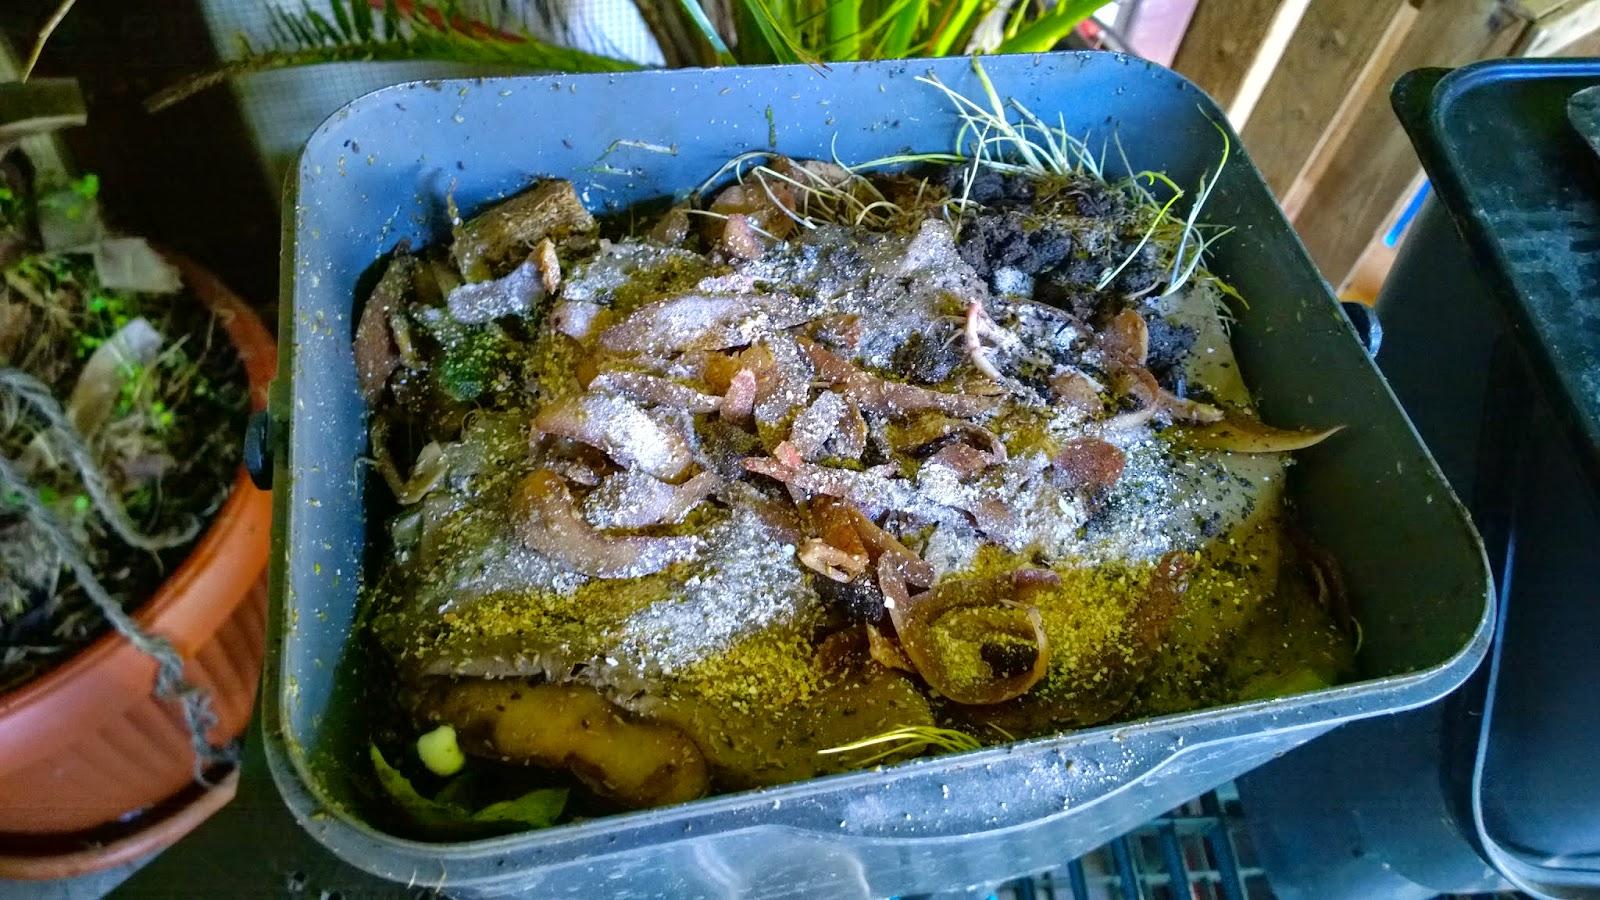 Wurmkiste gefüllt mit Bioabfällen (c) by Joachim Wenk